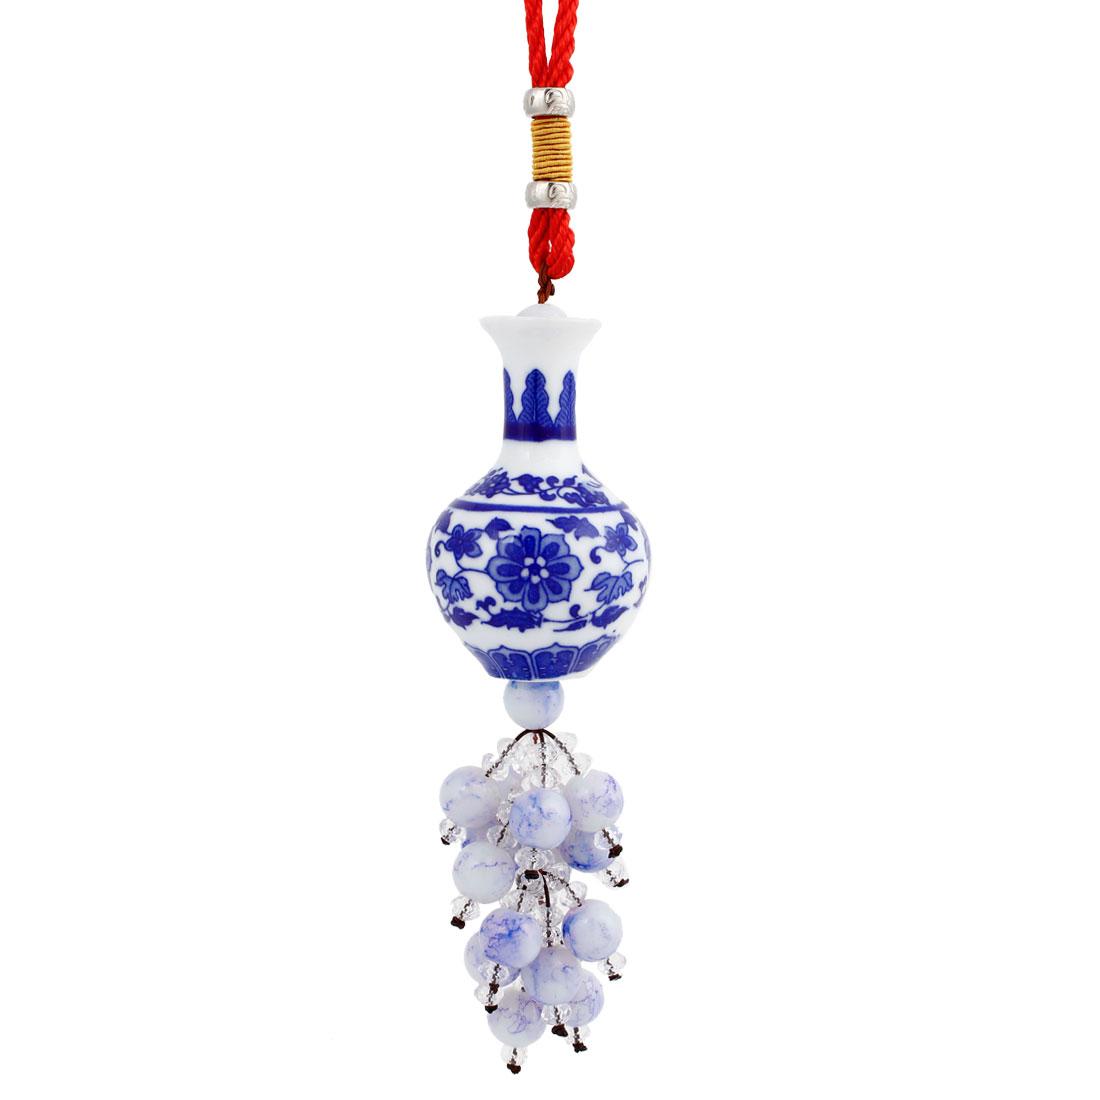 Vehicles Bead Decor Blue White Porcelain Pendant Hanging Decoration 30cm Long